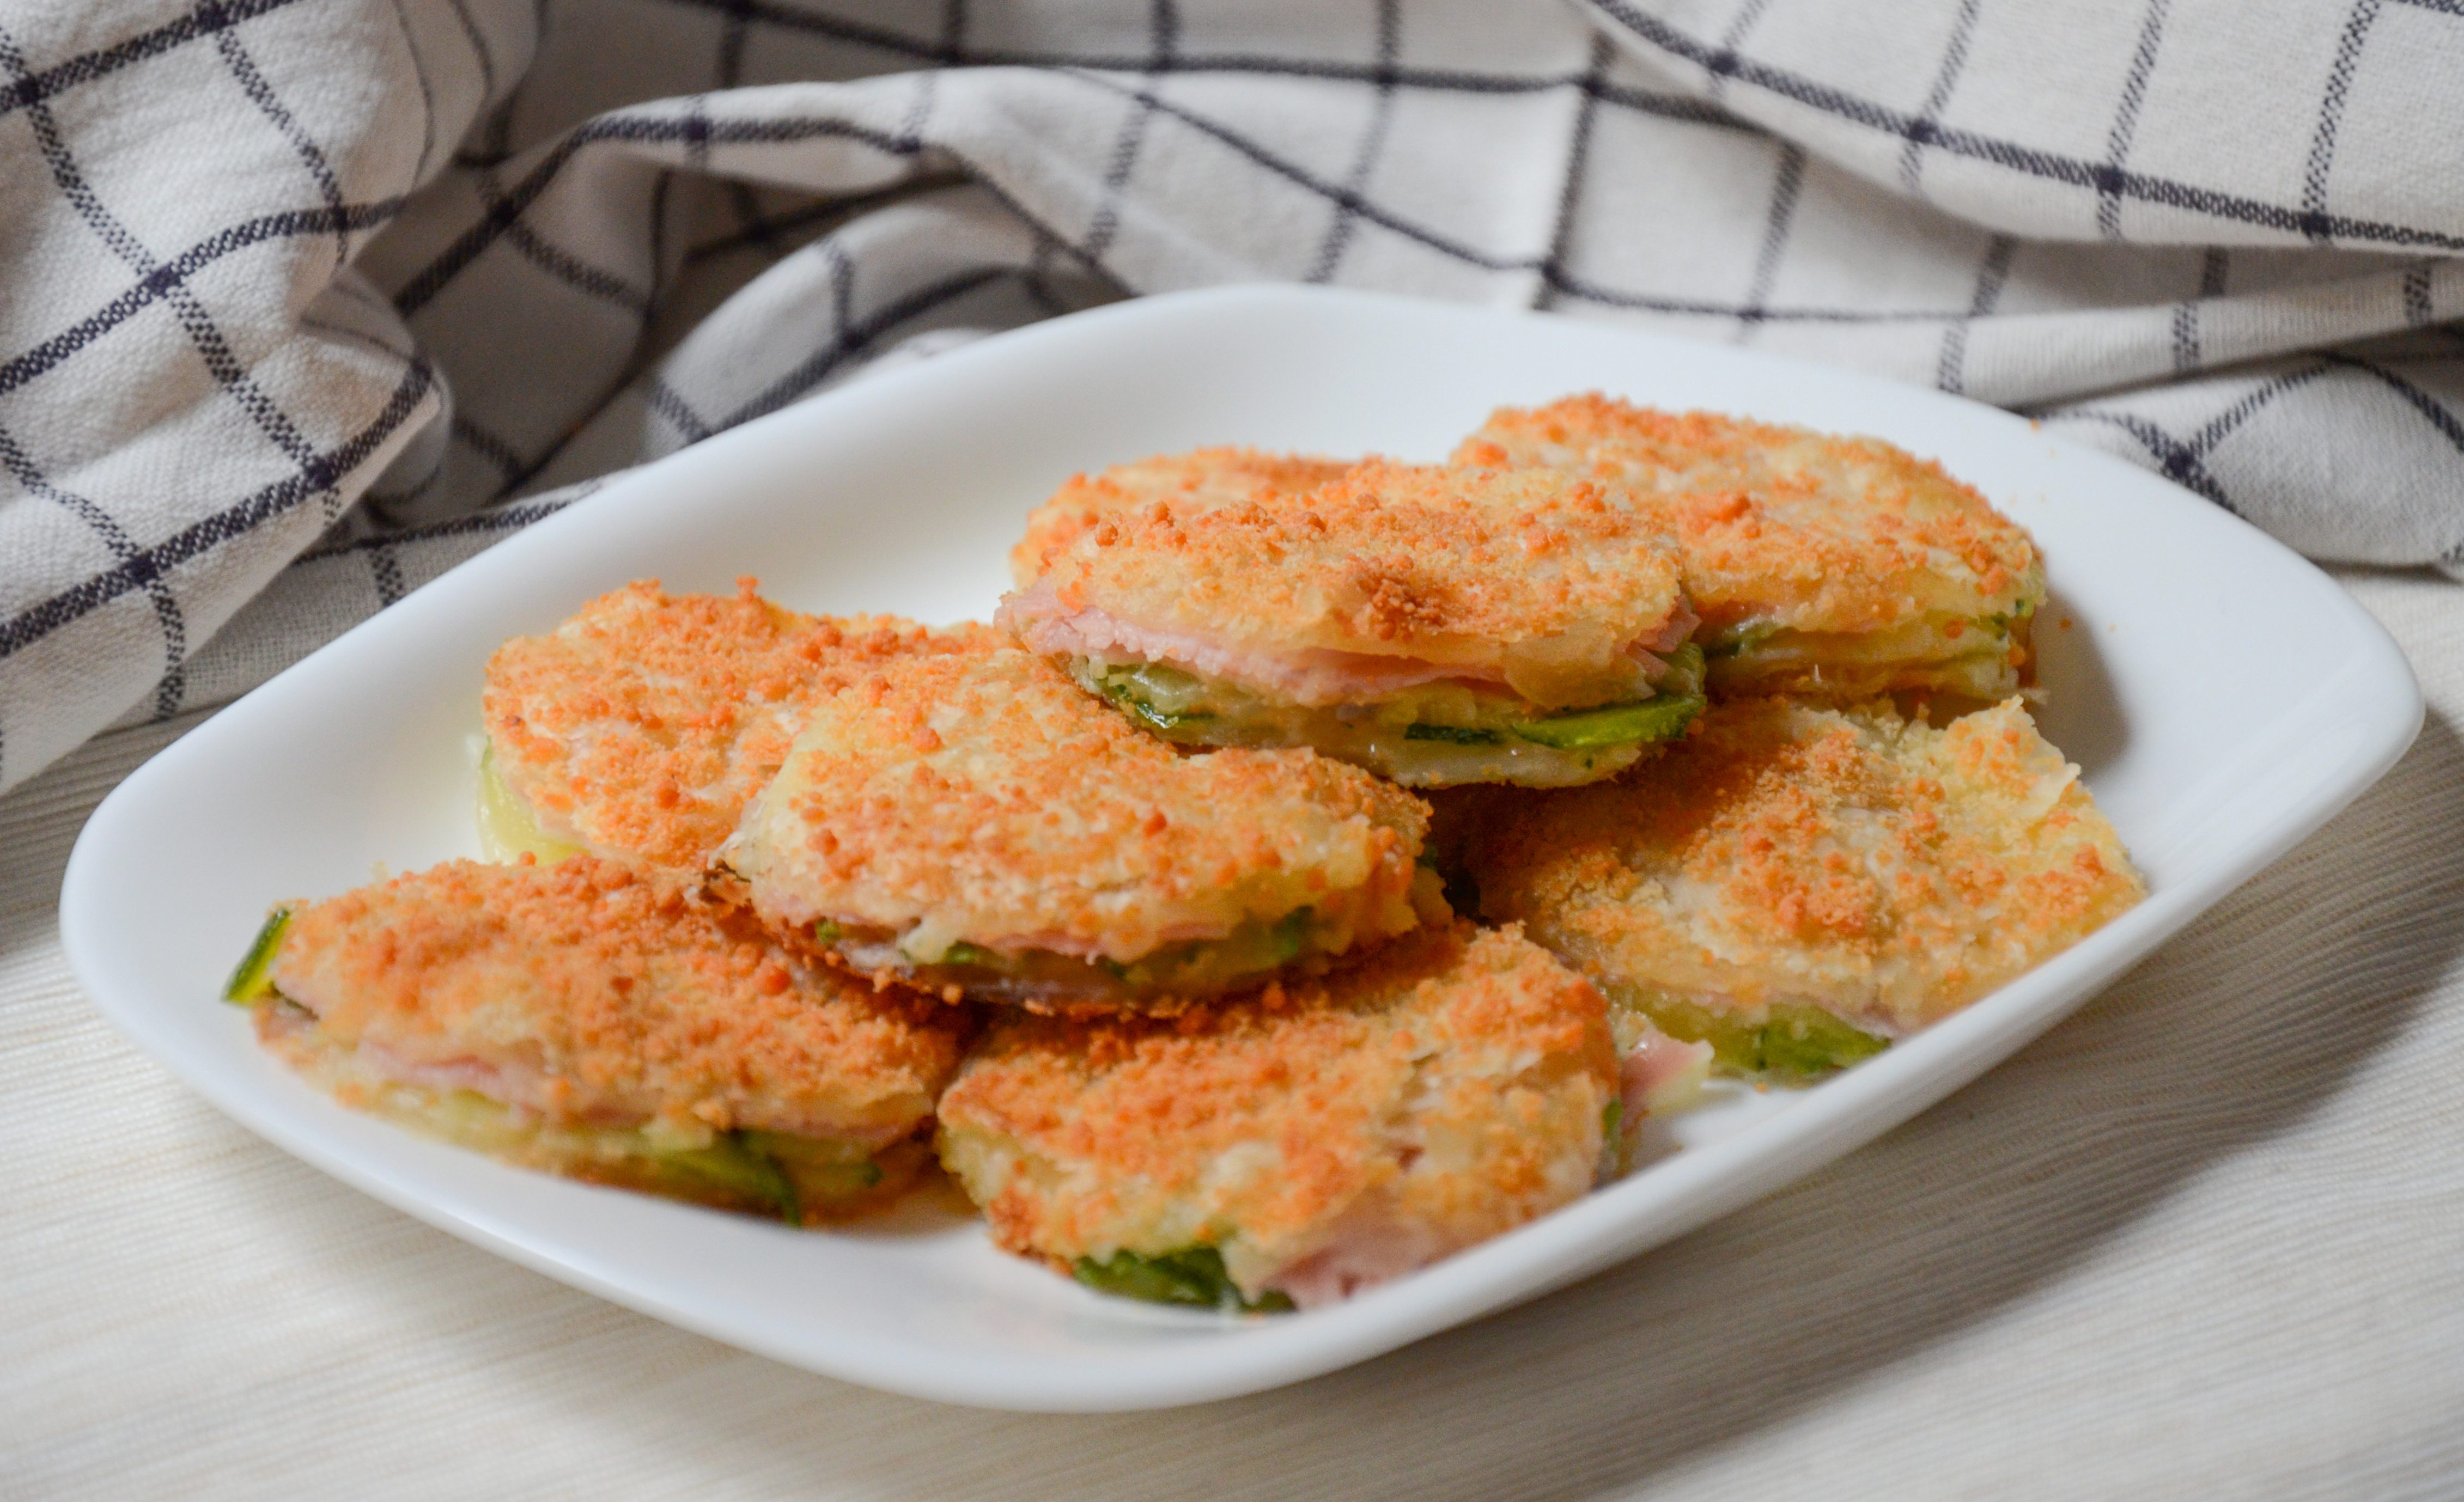 Stuzzichini alle zucchine: la ricetta dell'antipasto sfizioso e irresistibile